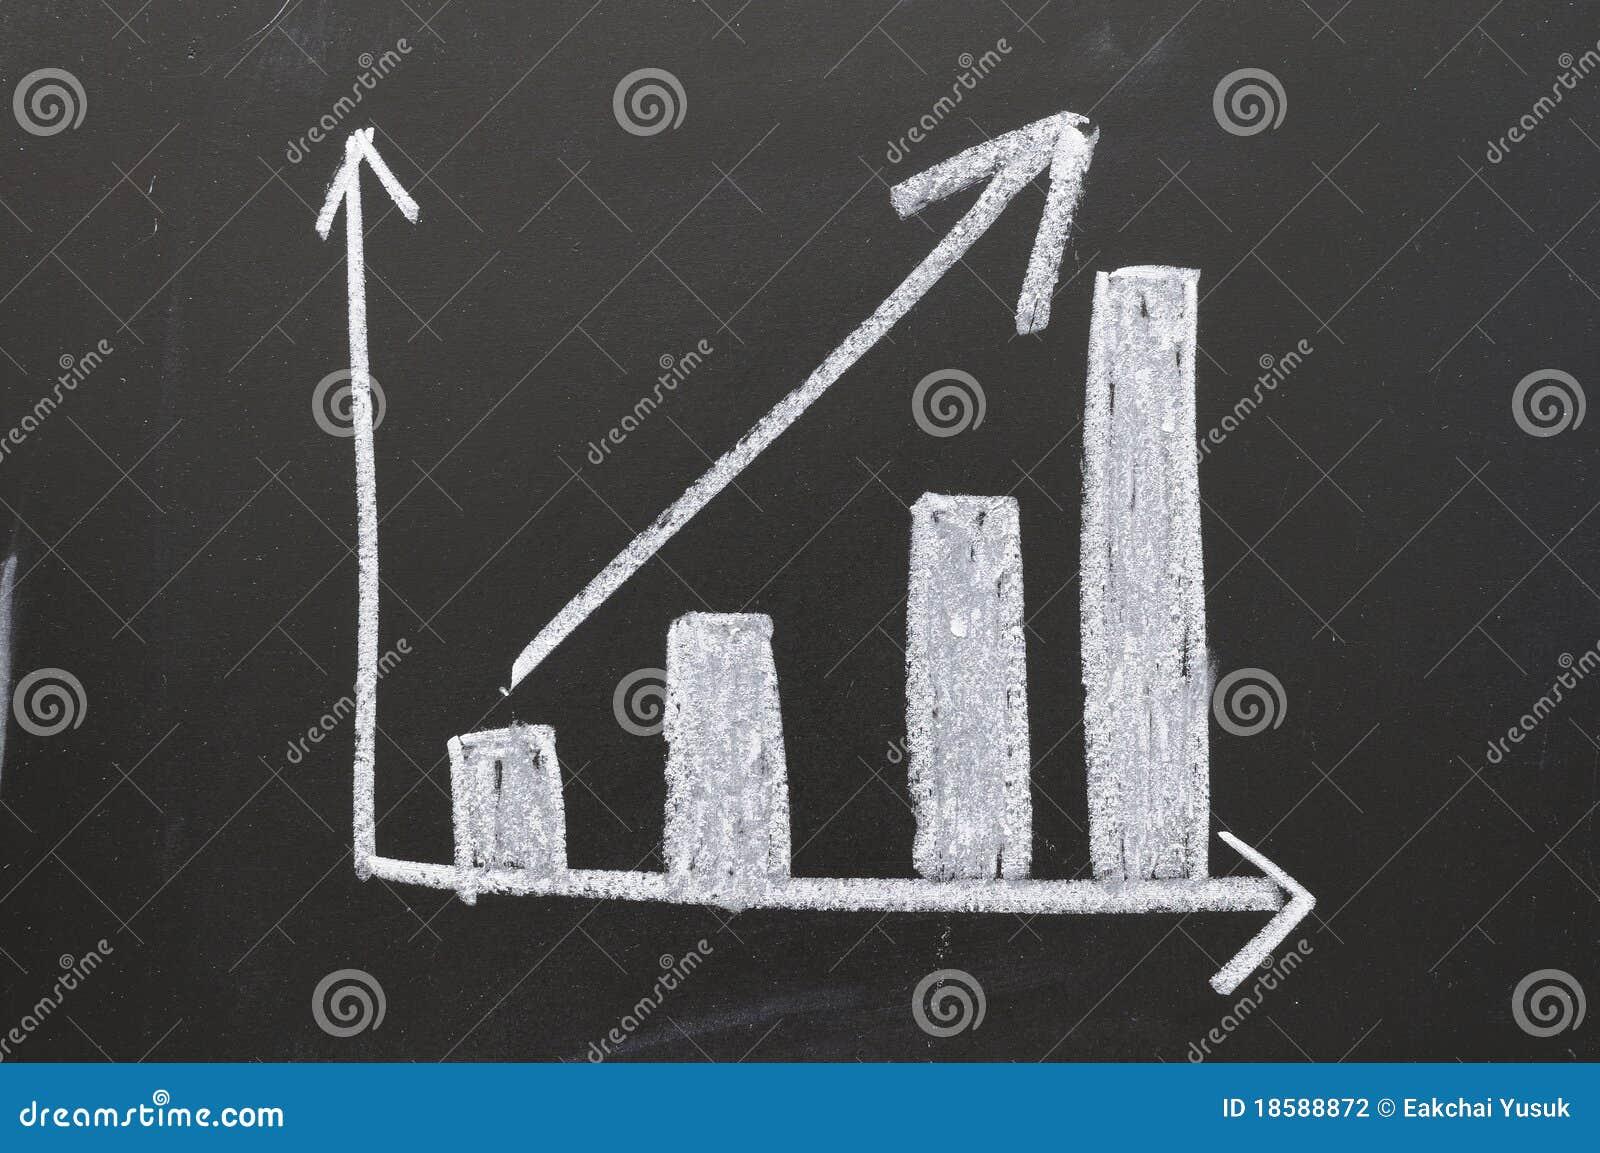 Tafel mit Finanzgeschäftsdiagramm